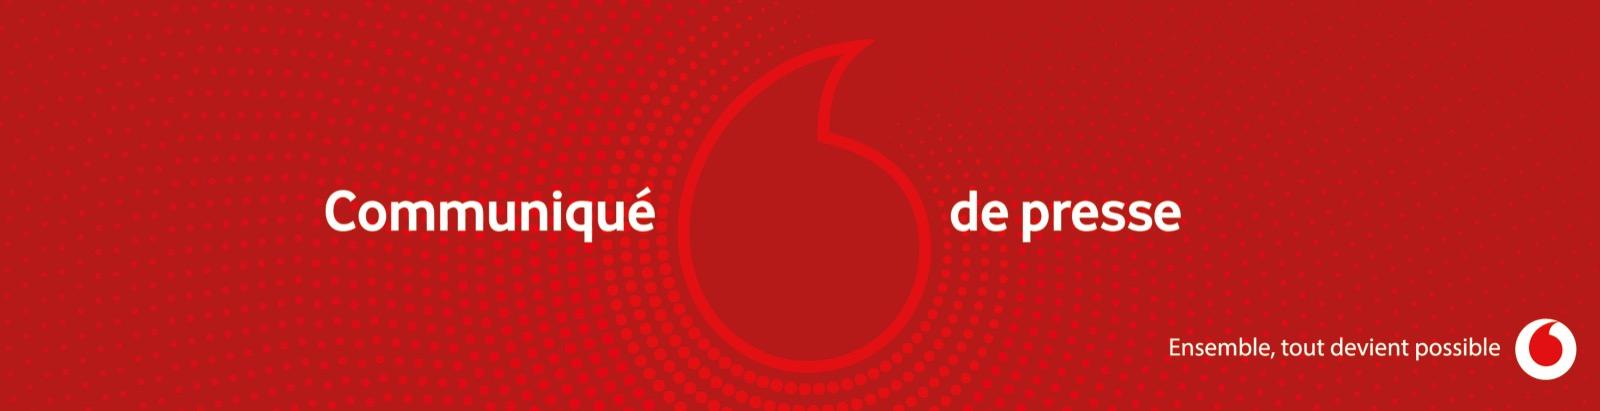 Vodacom Congo lance des cartes SIM avec des numéros de série 083